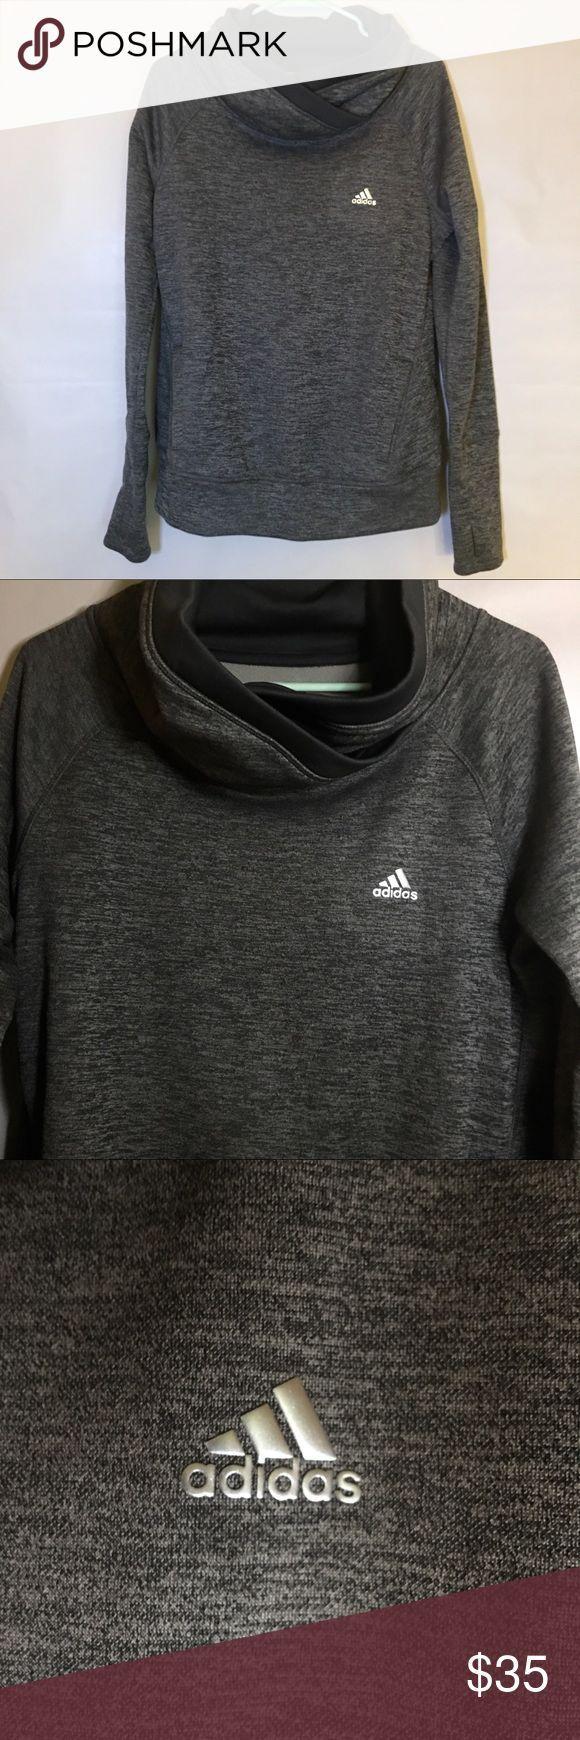 Adidas Cowl Neck Sweatshirt With Kangaroo Pocket Women S Space Dye Adidas Clim Cowl Neck Sweatshirt Sweatshirts Hoodies Womens [ 1740 x 580 Pixel ]